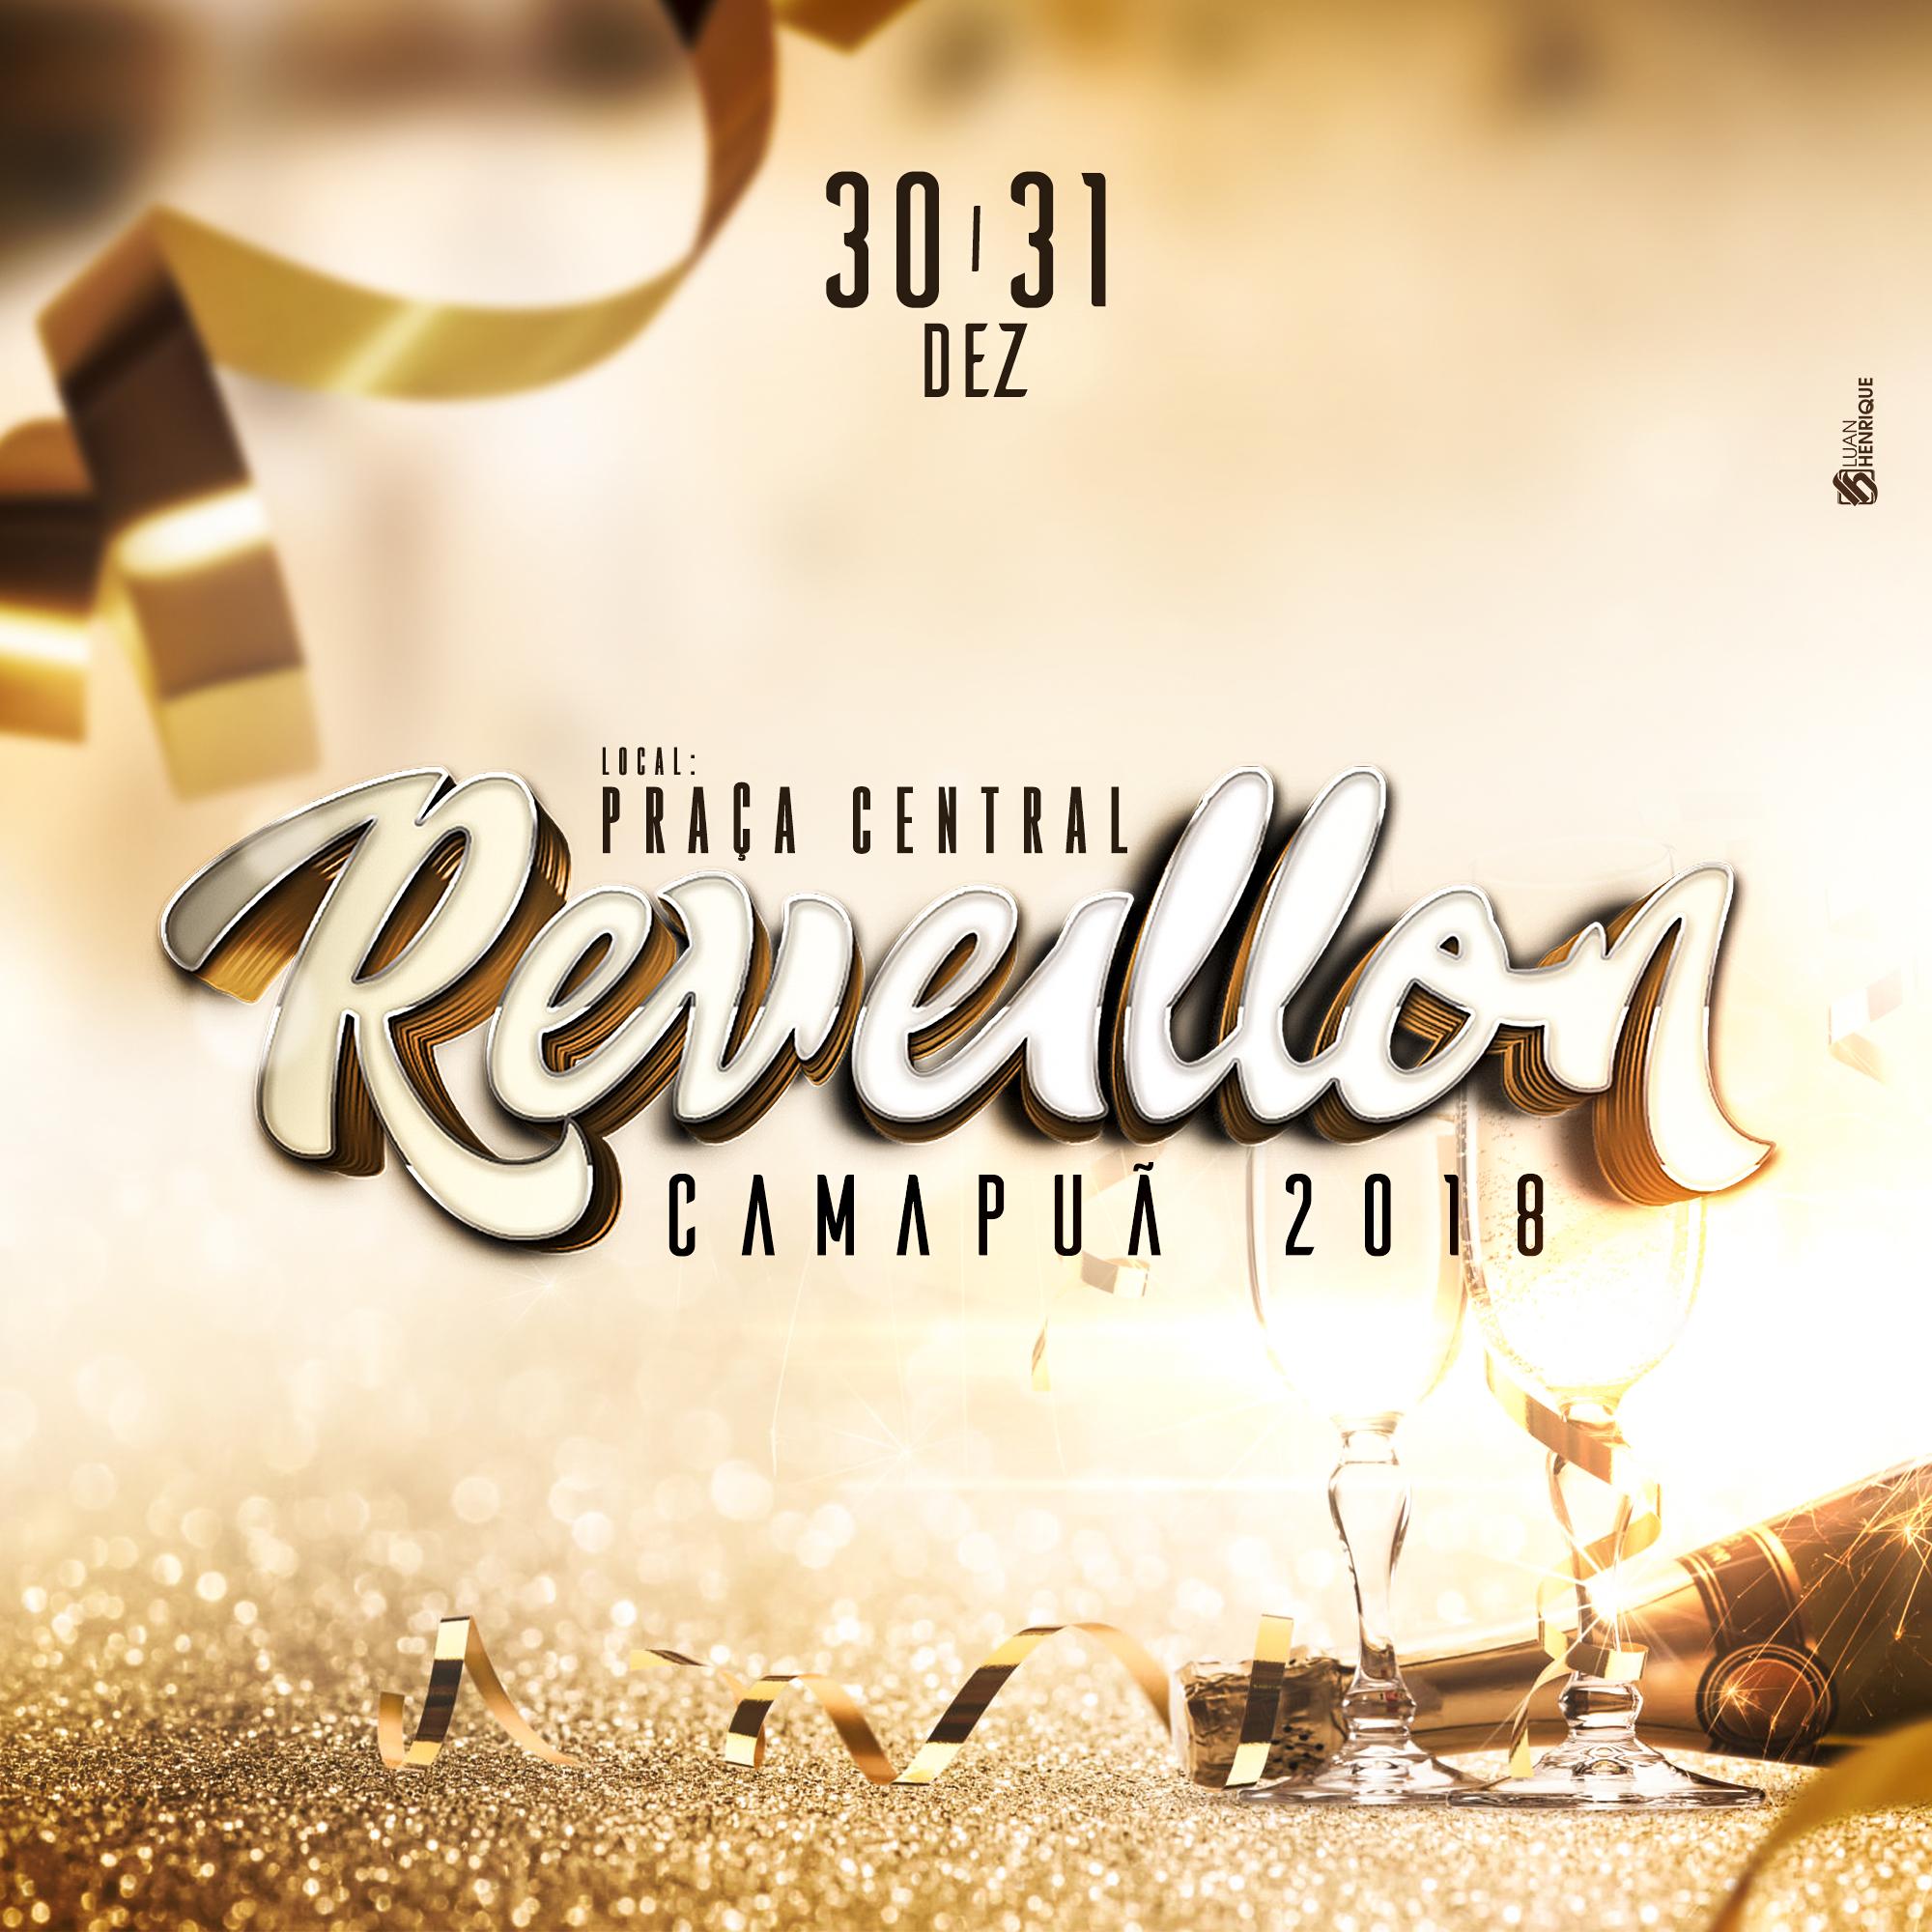 Reveillon Camapua